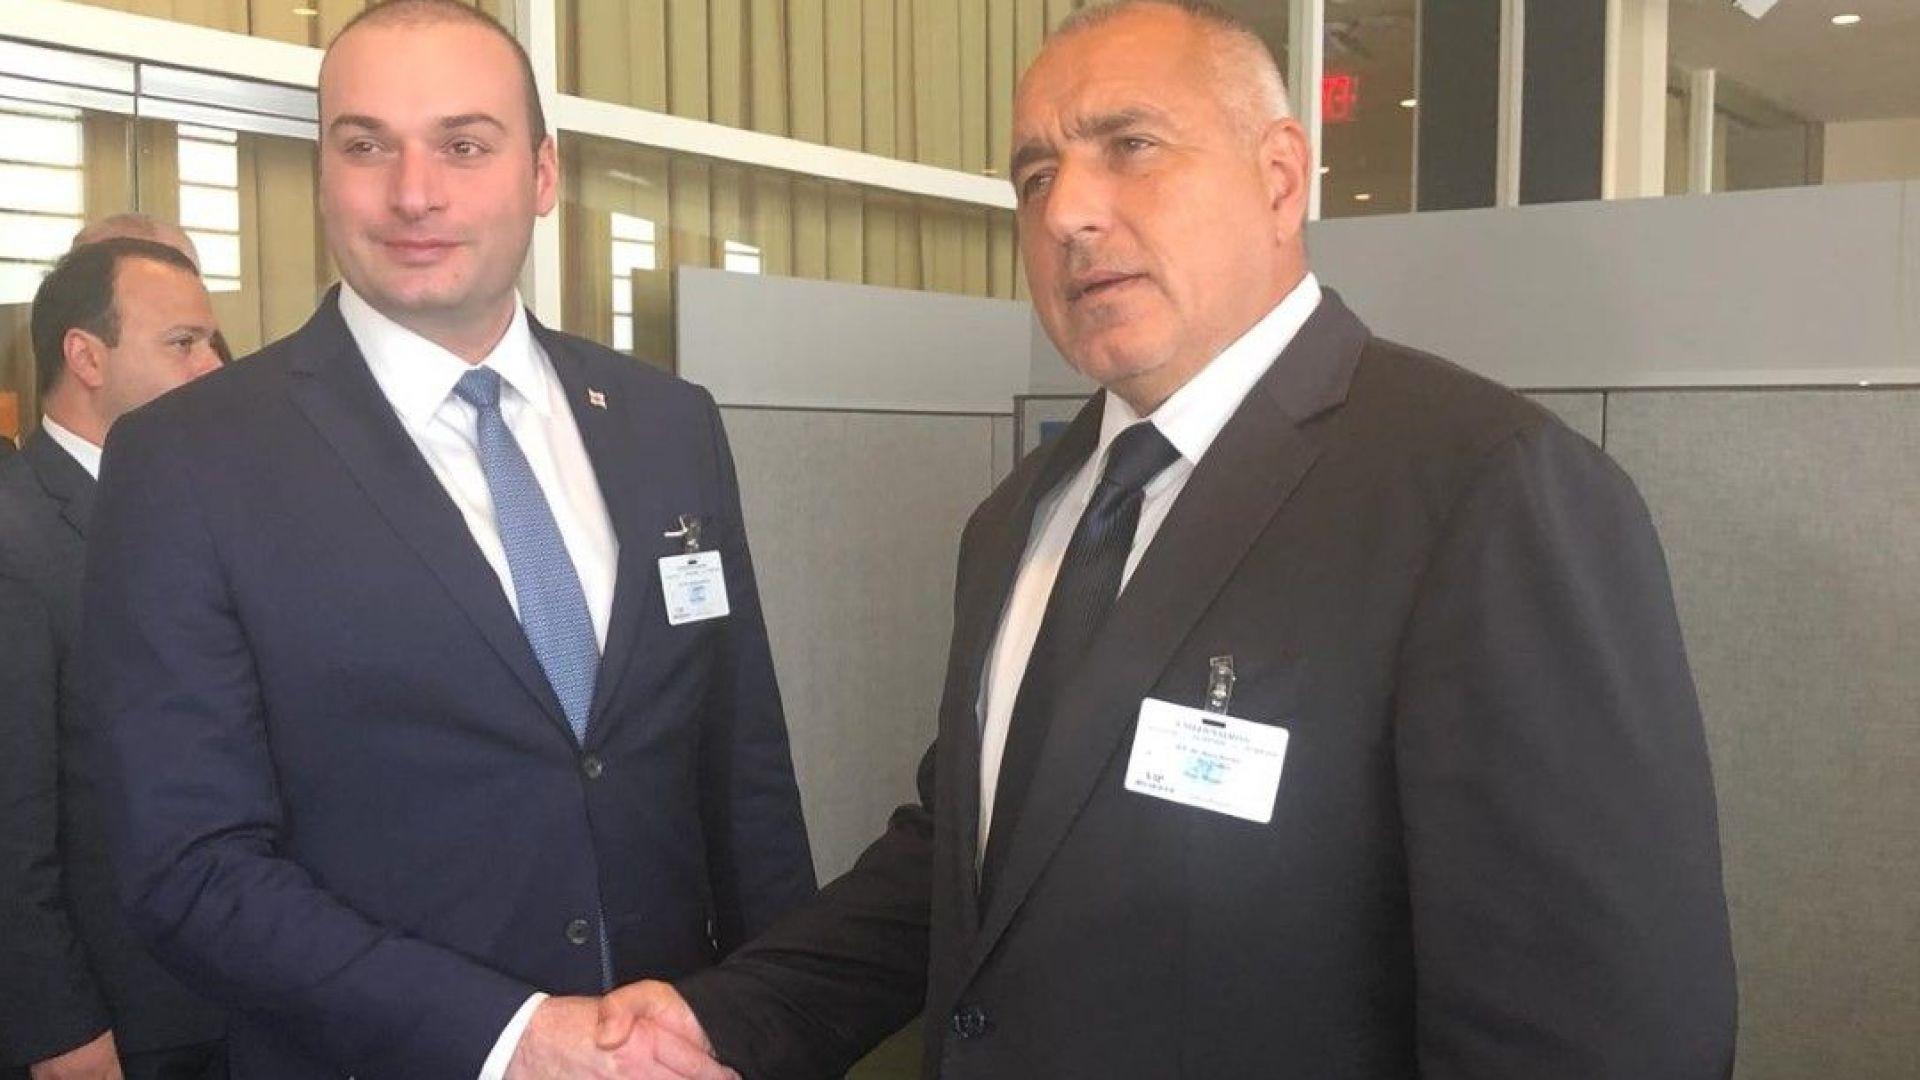 България е един от най-активните поддръжници на европейската и евроатлантическата